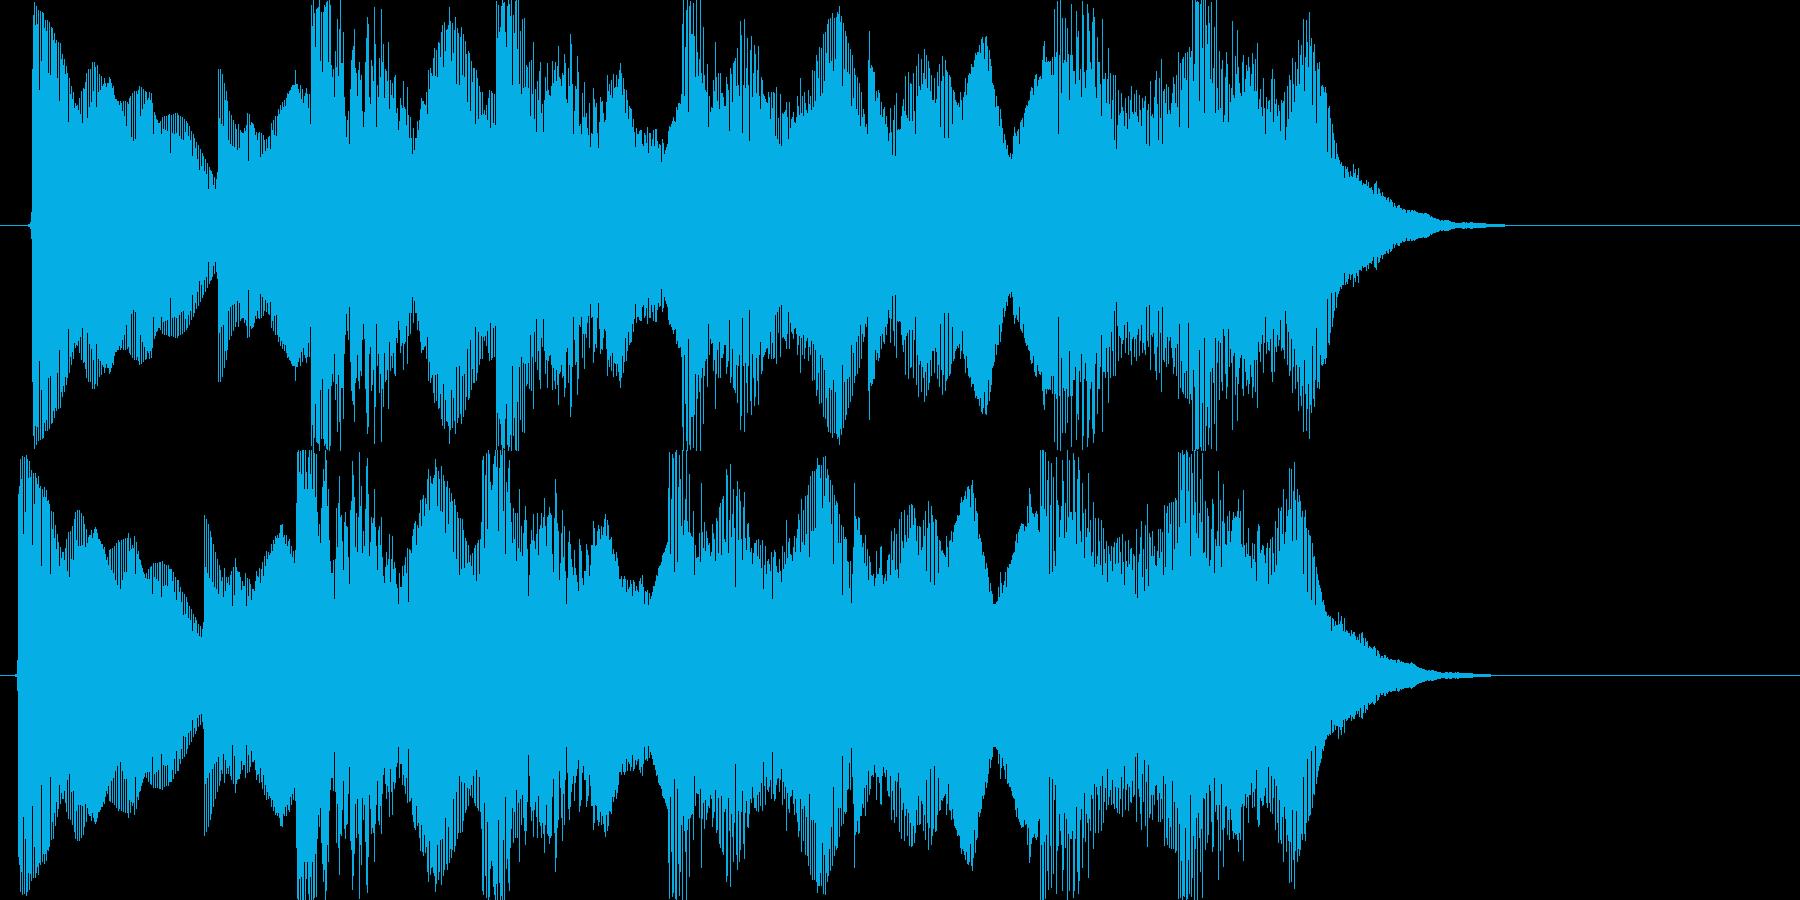 負けた時の残念な音02の再生済みの波形